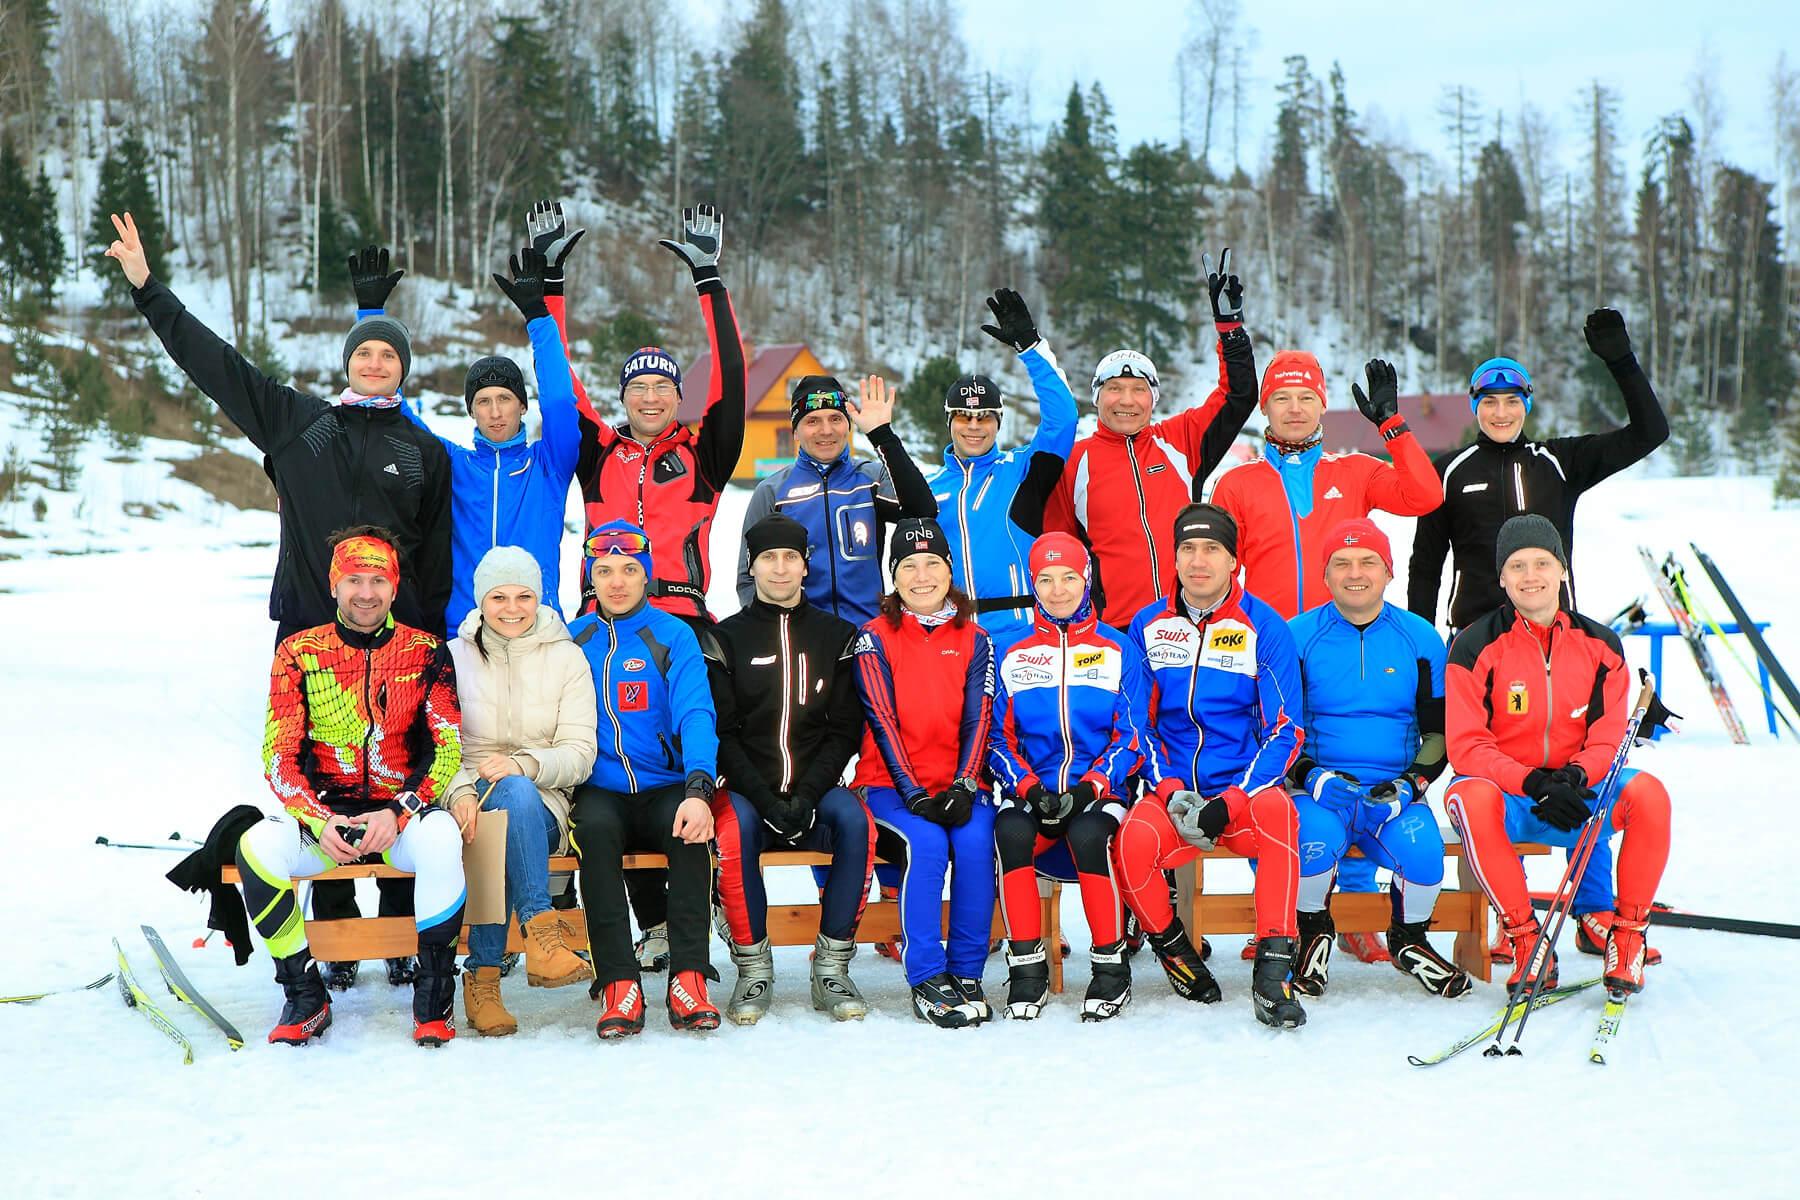 Фото спортсменов - Весенняя лыжная эстафета 2017 в Демино, Рыбинск